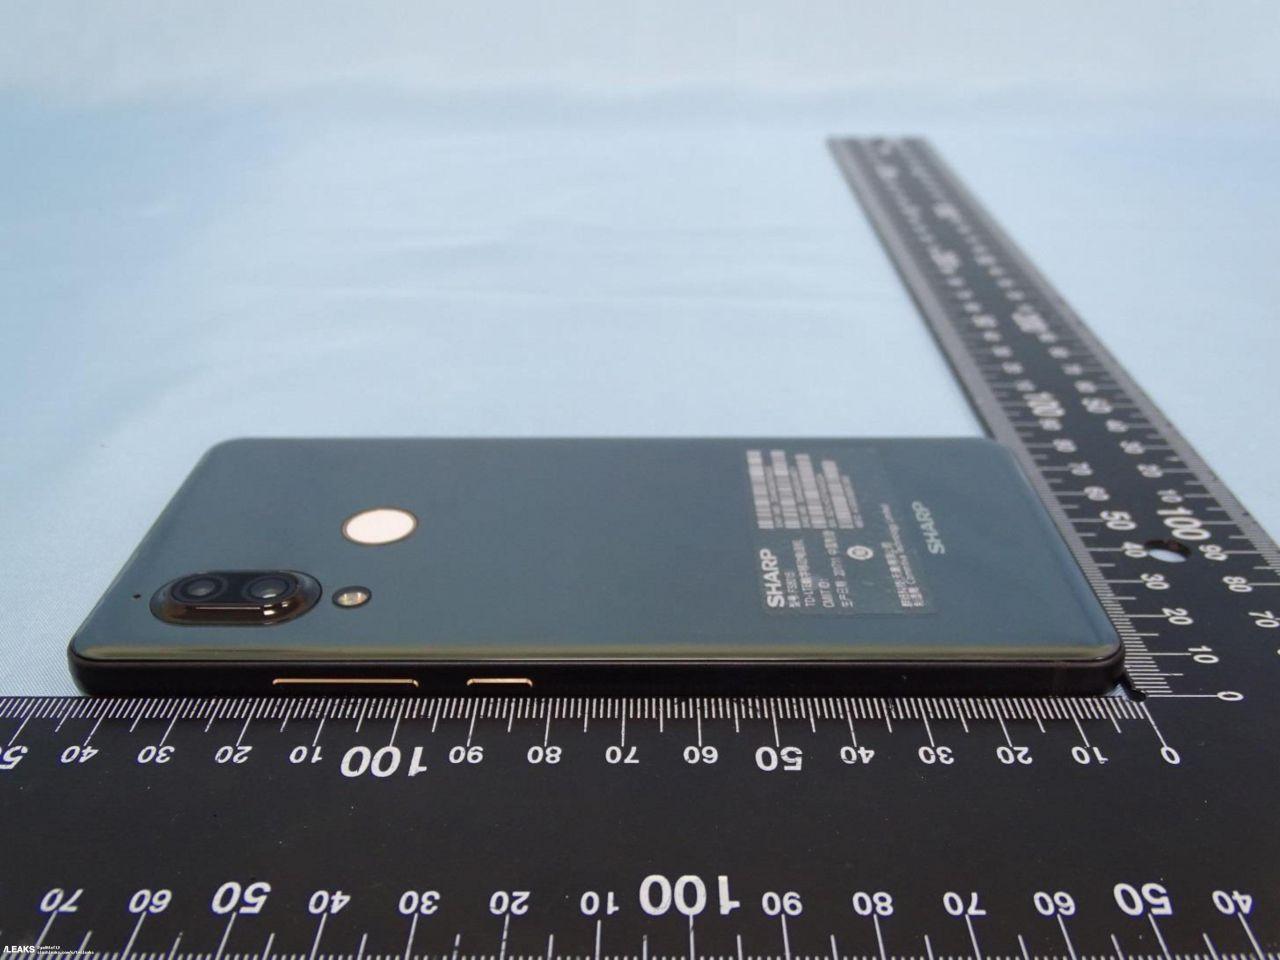 İşte Sharp'ın yeni telefonunun görüntüleri! - Page 3